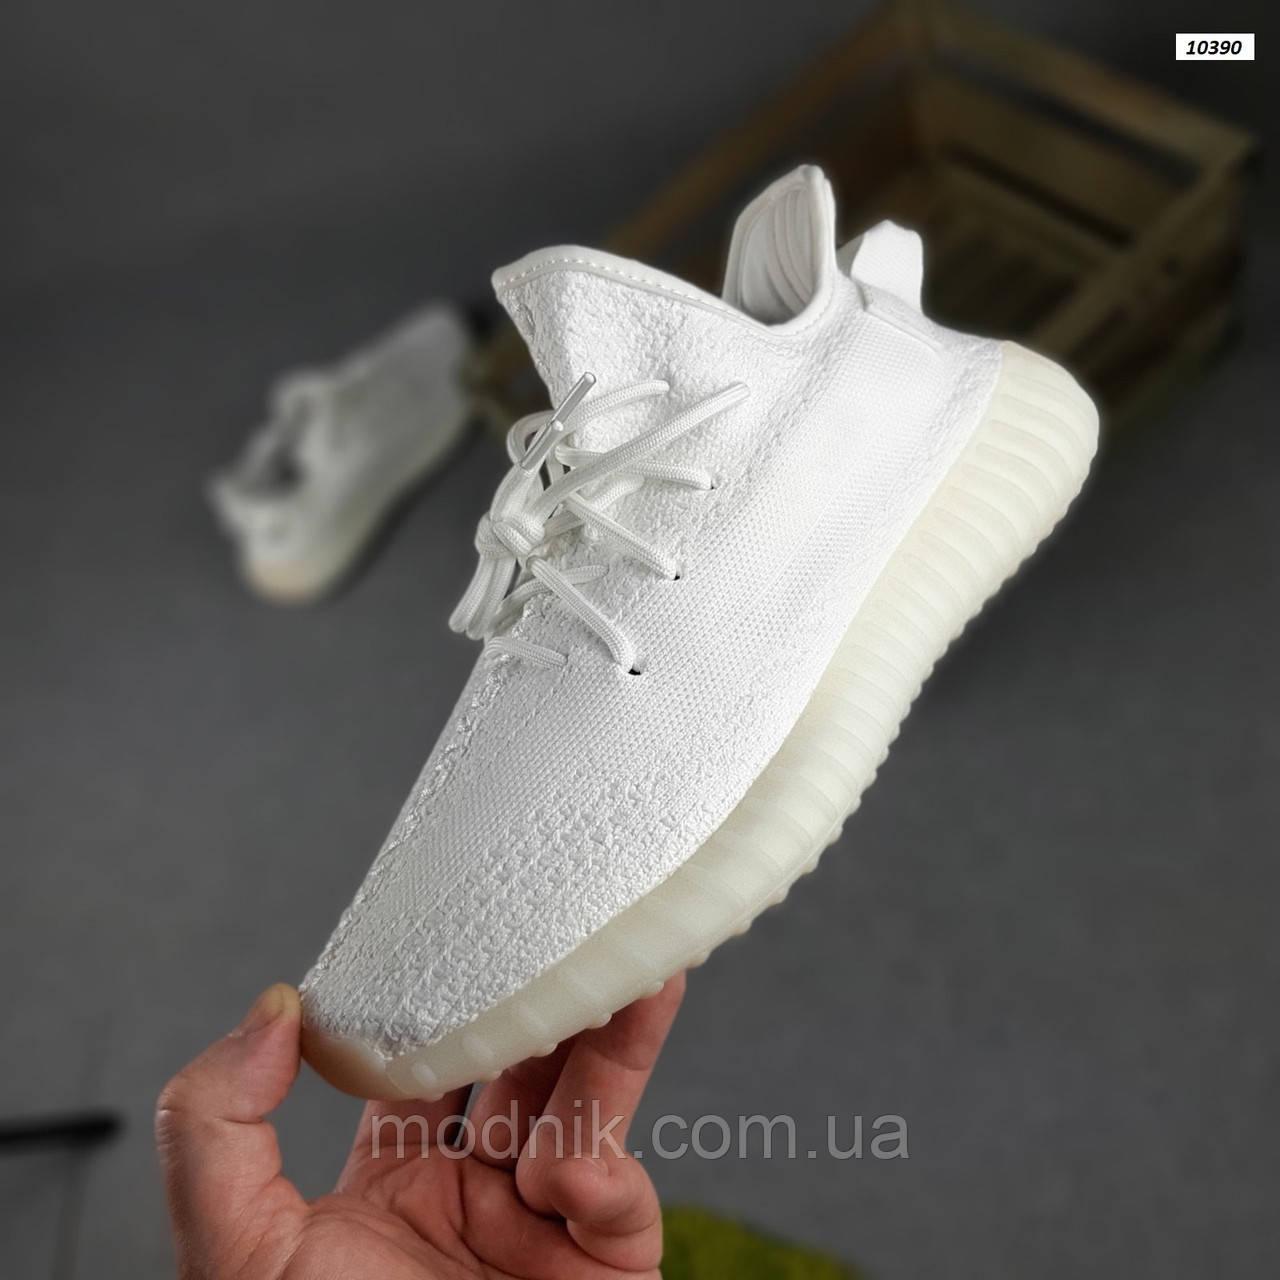 Женские кроссовки Adidas Yeezy Boost 350 (белые) 20271 спортивные повседневные кроссы